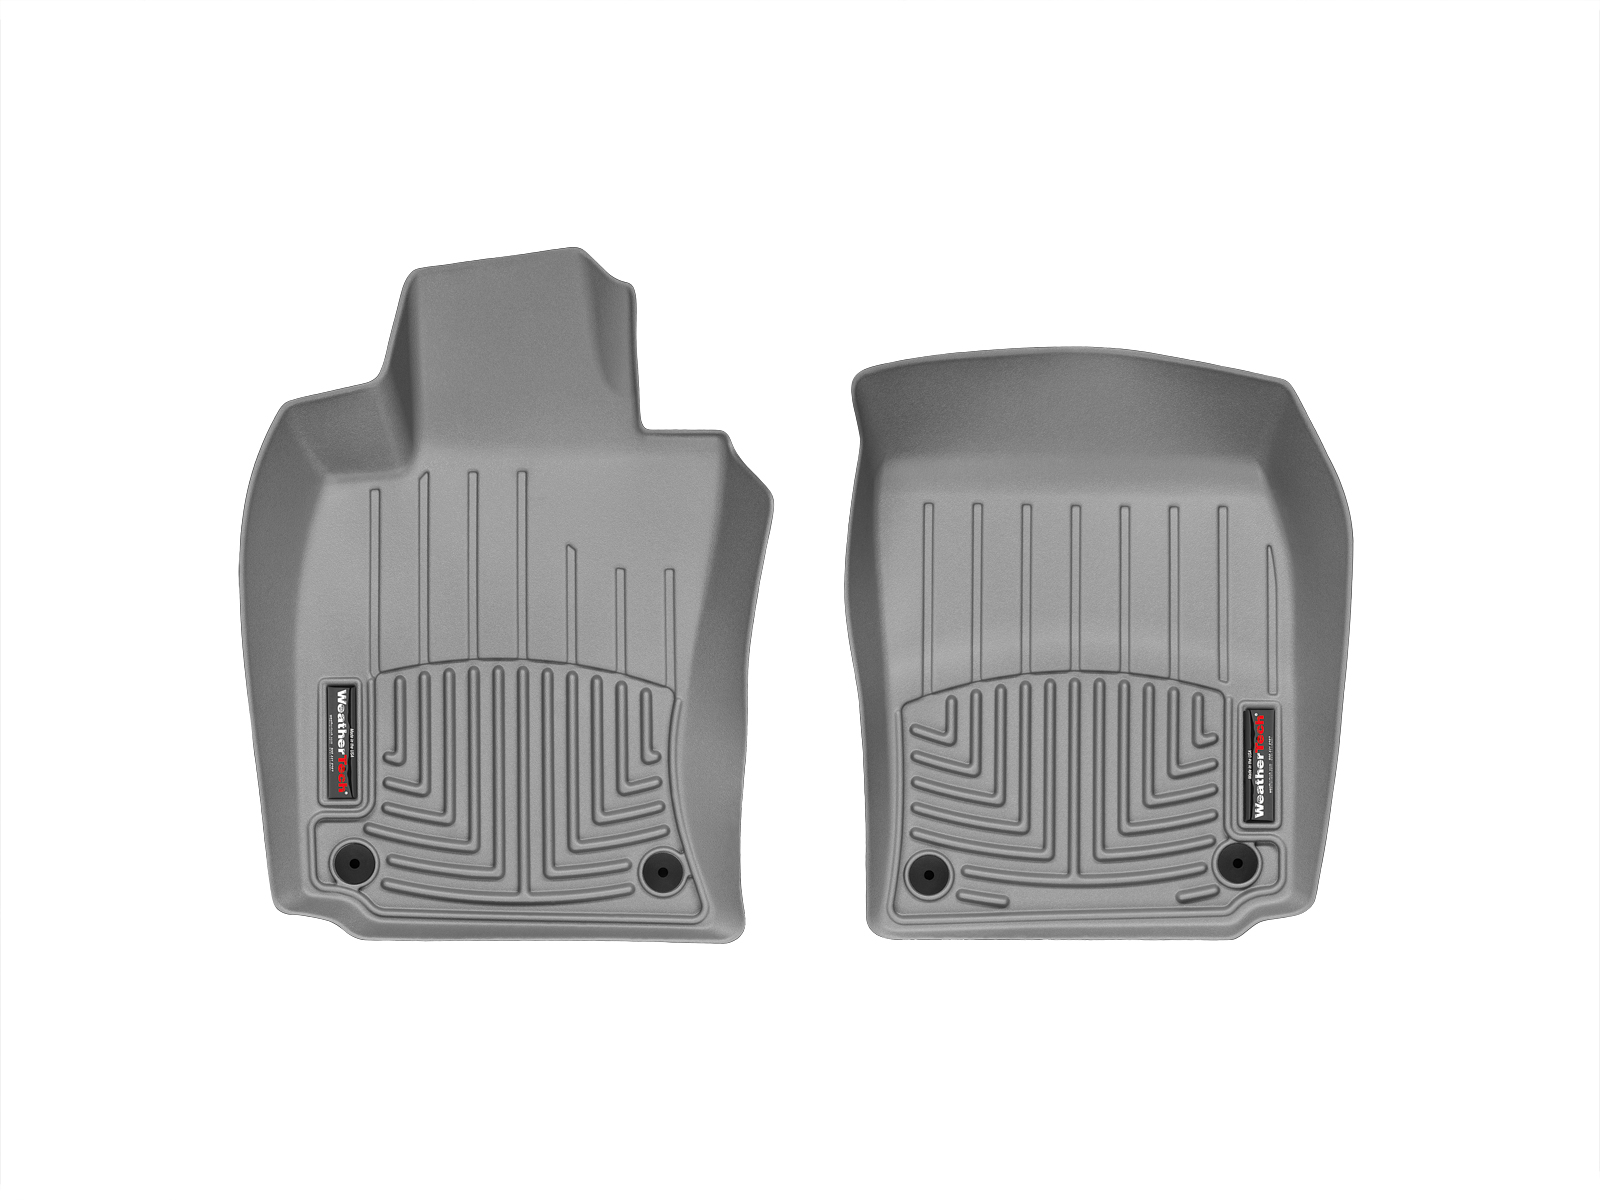 Tappeti gomma su misura bordo alto Porsche® Panamera 10>16 Grigio A3169